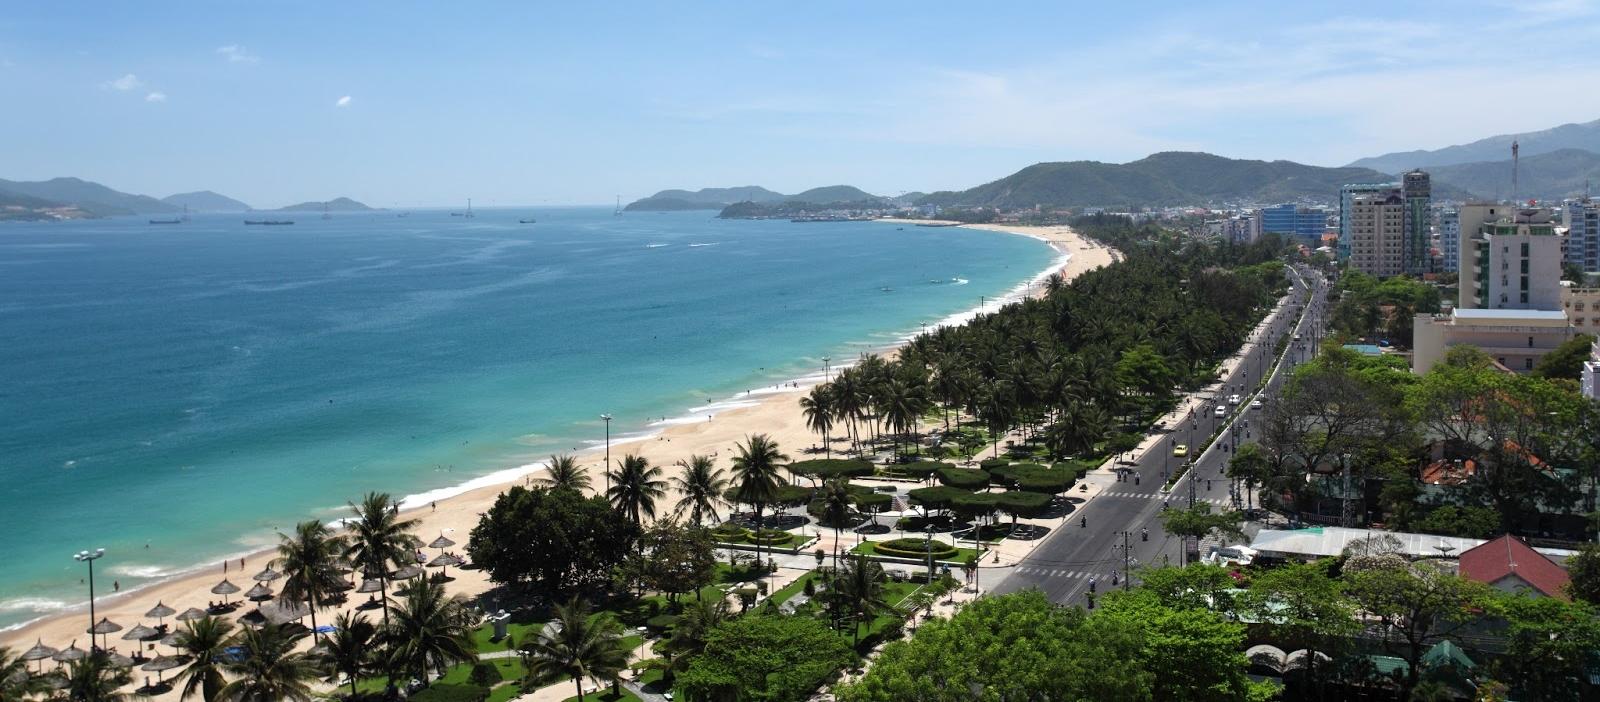 Bán nhớt Shell giá rẻ tại Nha Trang